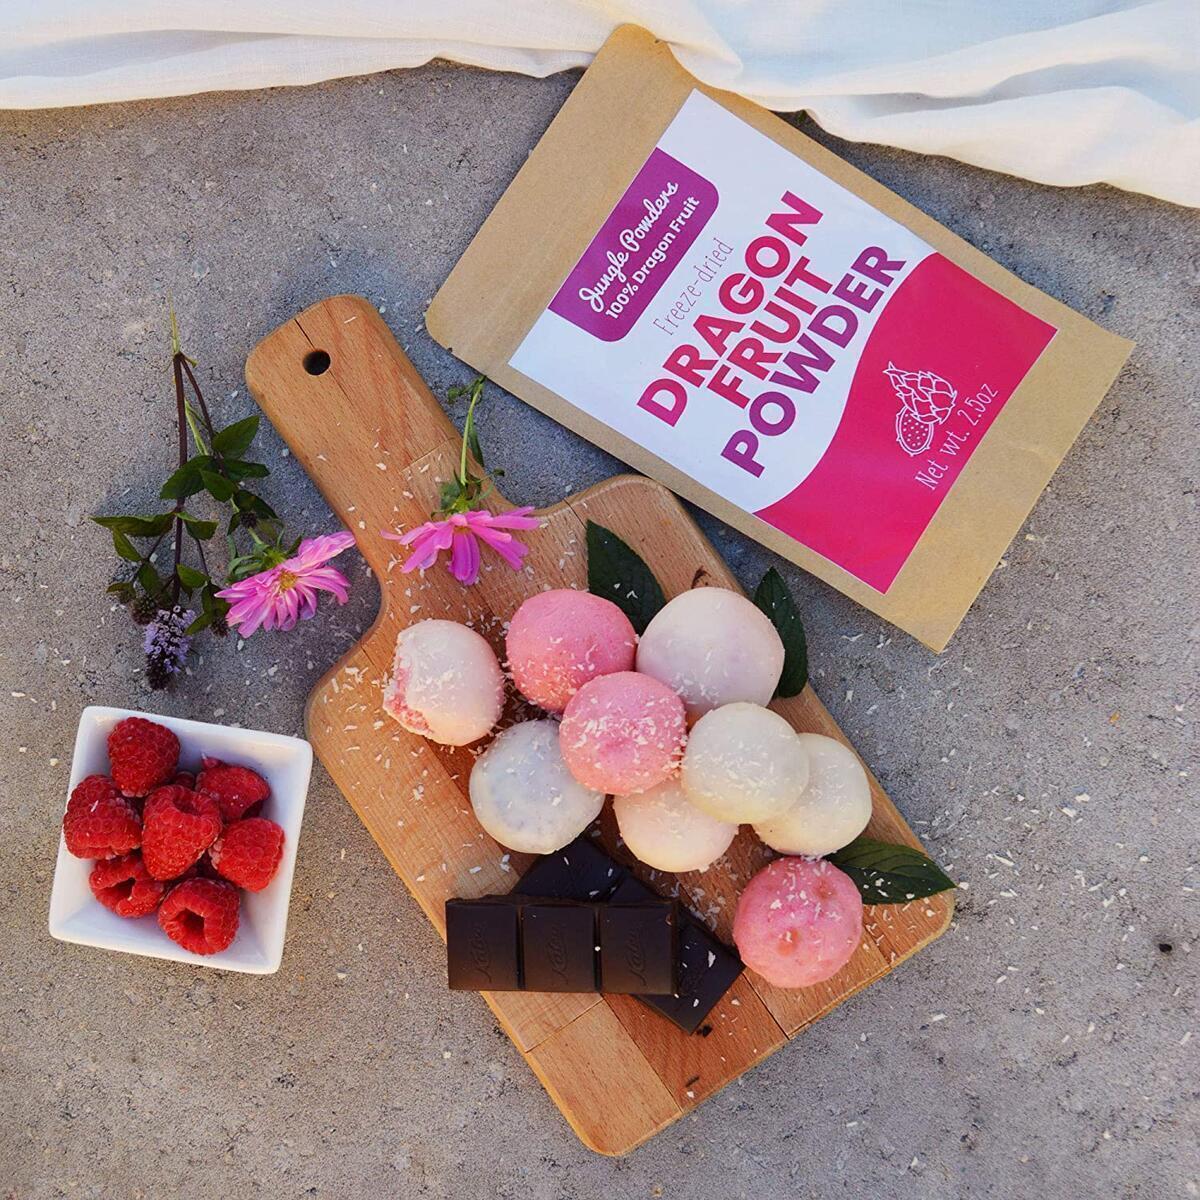 Jungle Powders Pink Pitaya Powder | 100% Natural Dragon Fruit Powder | Superfood Dragonfruit Powder Organic Freeze Dried Powdered Pitahaya Fruit 5oz